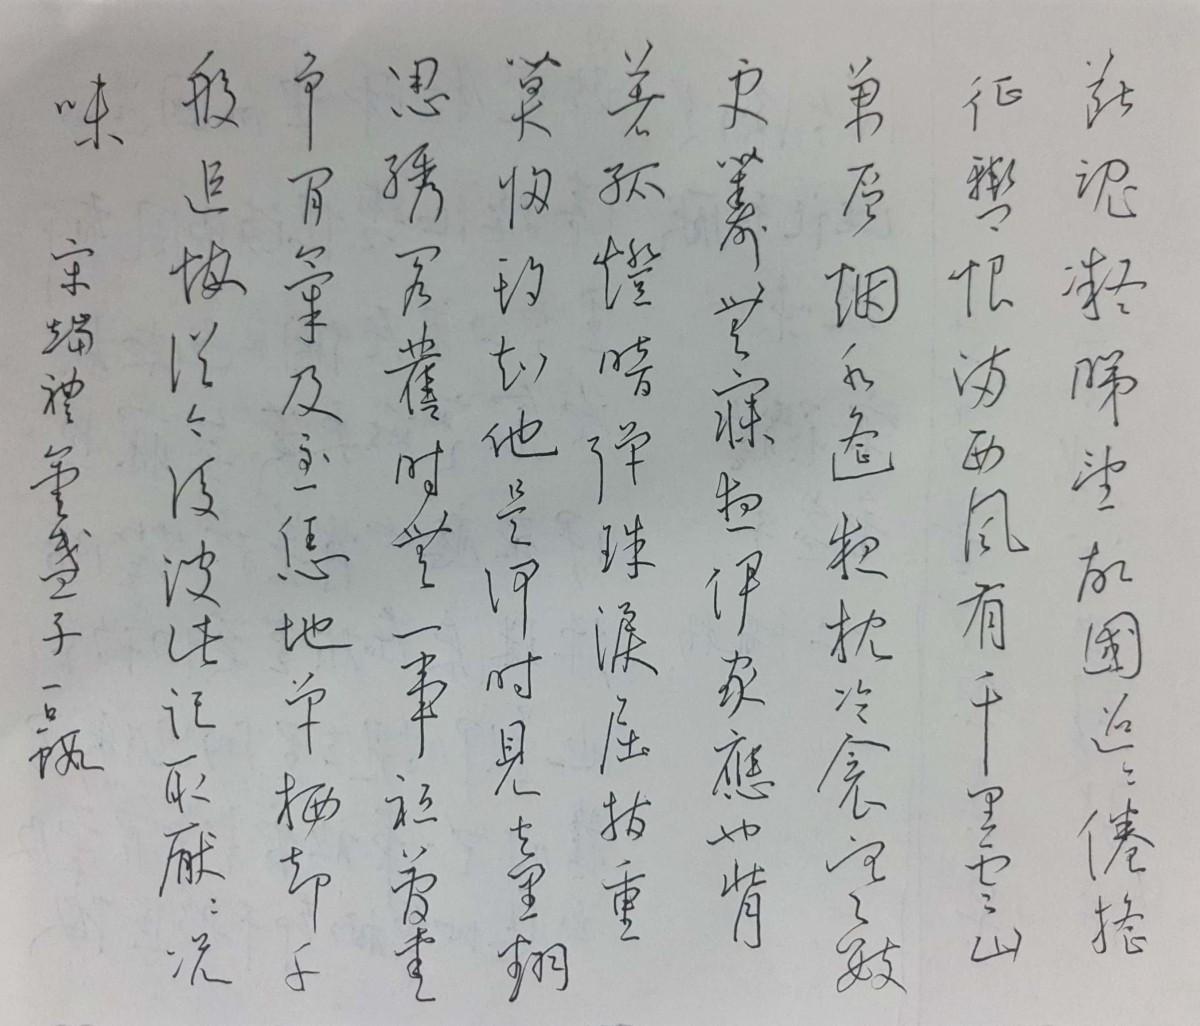 钢笔书法练字打卡20210727-02